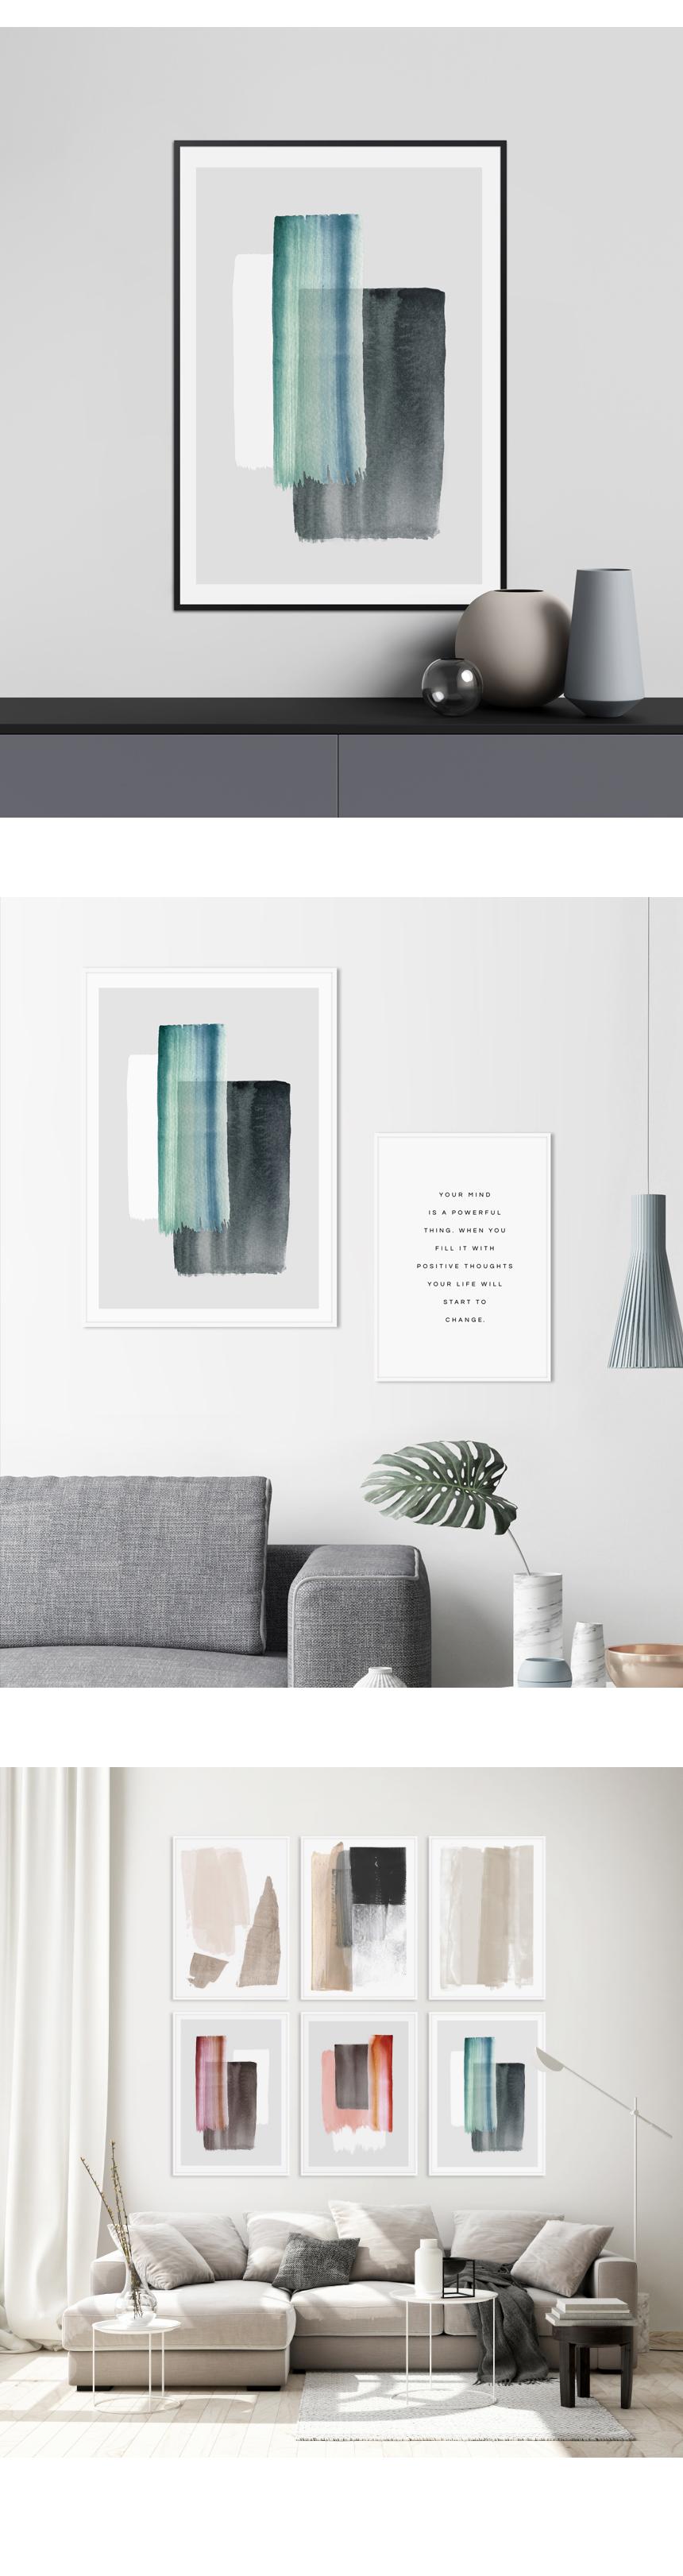 로얄블루 추상화 액자 인테리어 그림 50x70 포스터 (액자미포함)18,900원-위드포스터인테리어, 액자/홈갤러리, 홈갤러리, 팝아트바보사랑로얄블루 추상화 액자 인테리어 그림 50x70 포스터 (액자미포함)18,900원-위드포스터인테리어, 액자/홈갤러리, 홈갤러리, 팝아트바보사랑